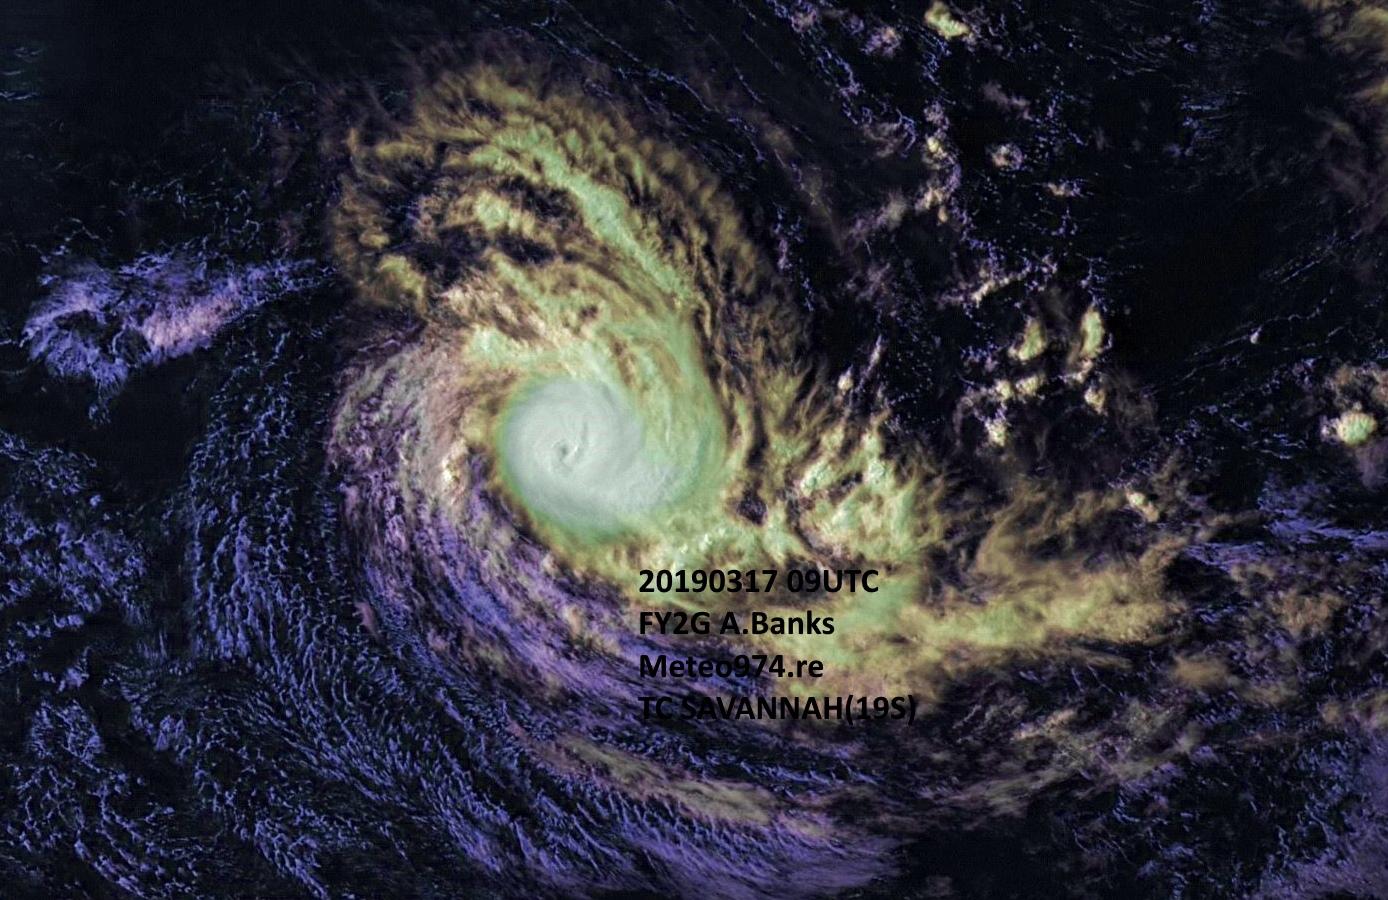 Le cyclone SAVANNAH(19S) vu en début d'après midi(13heures) de Dimanche par le satellite chinois Fy2G.  Des bandes périphériques dans les basses couches de l'atmosphère définissent la circulation cyclonique mais le coeur du système est compacte avec un peit oeil partiellement recouvert de nuages.